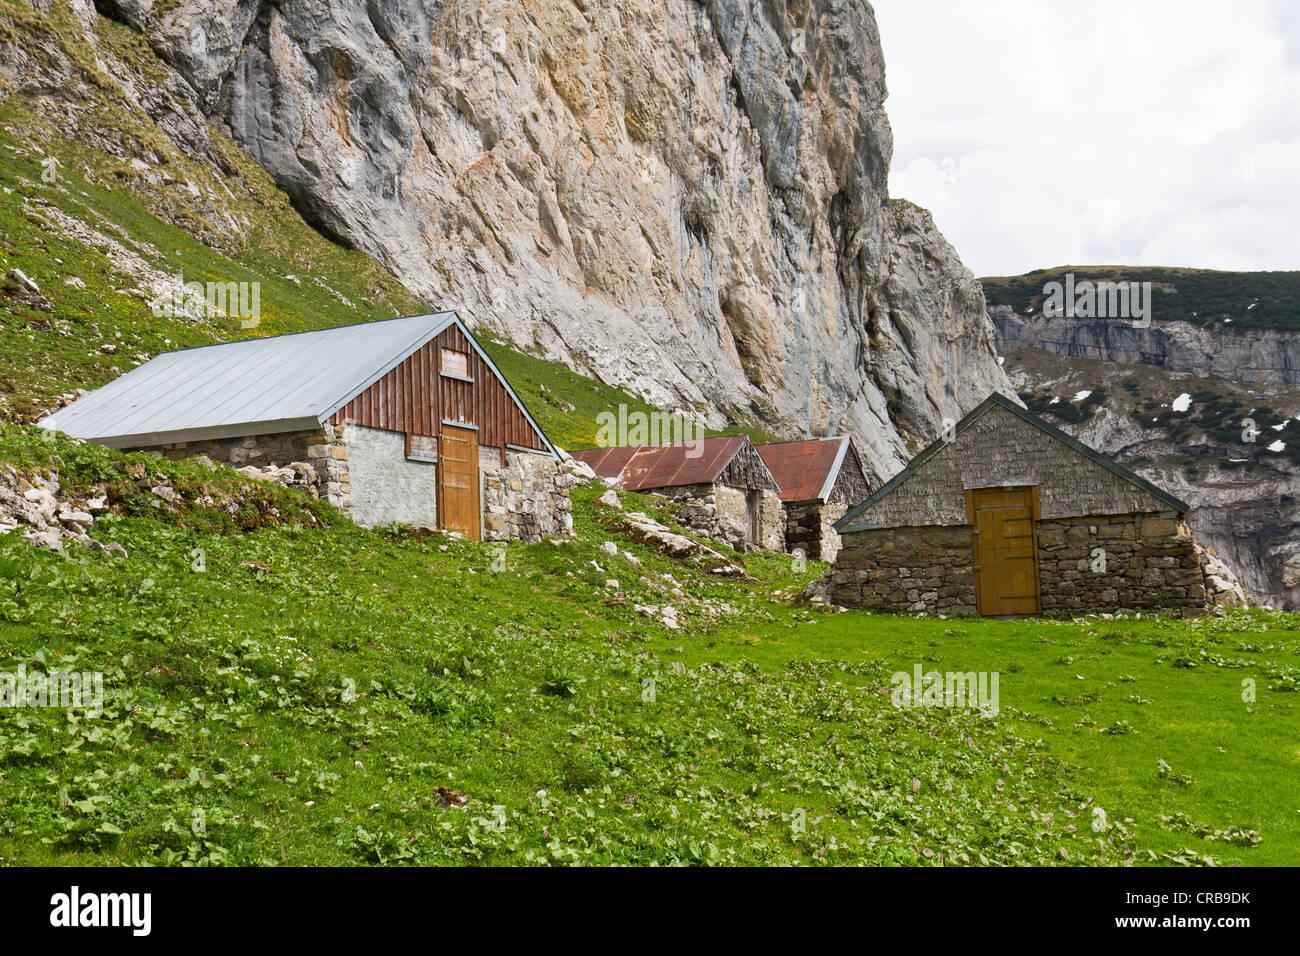 Die Hütten der Alp Tesel, Alpsteingebirge Berge, Kanton St. Gallen, Schweiz, Europa Stockbild